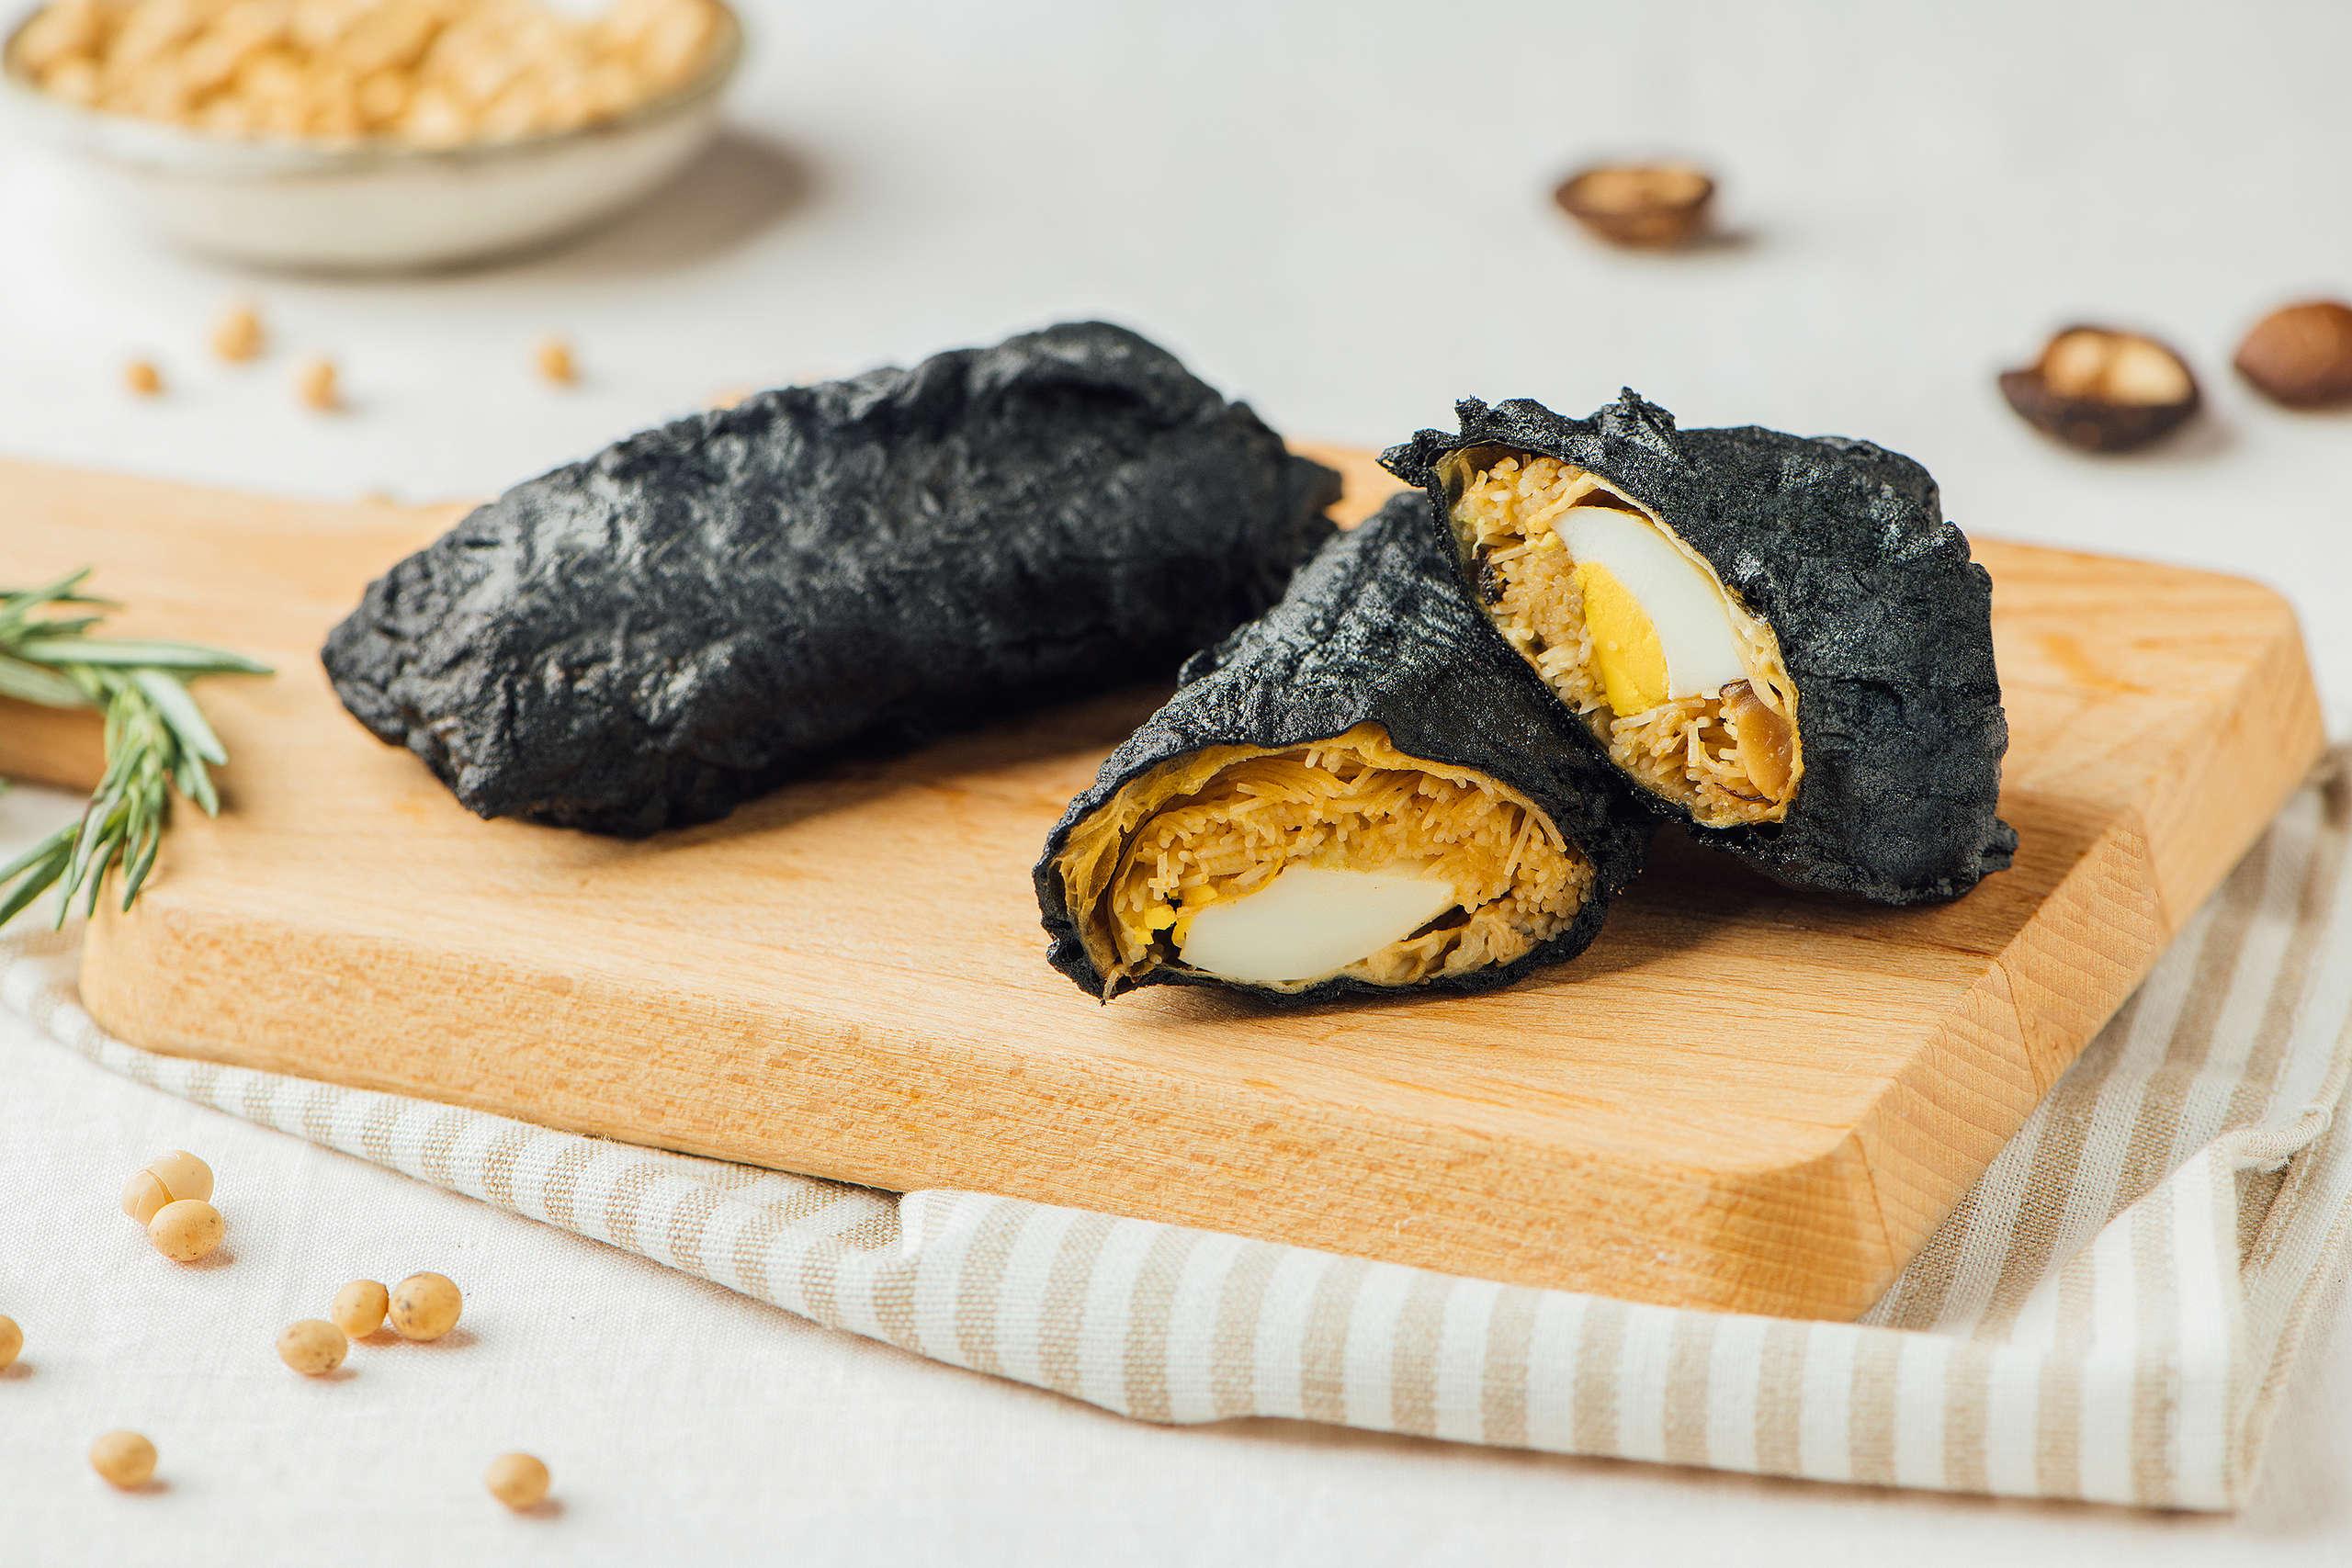 「碳式蔬食風味捲」搭配在地純米米粉,口感綿密滑順,散發淡淡米香。© Greenpeace